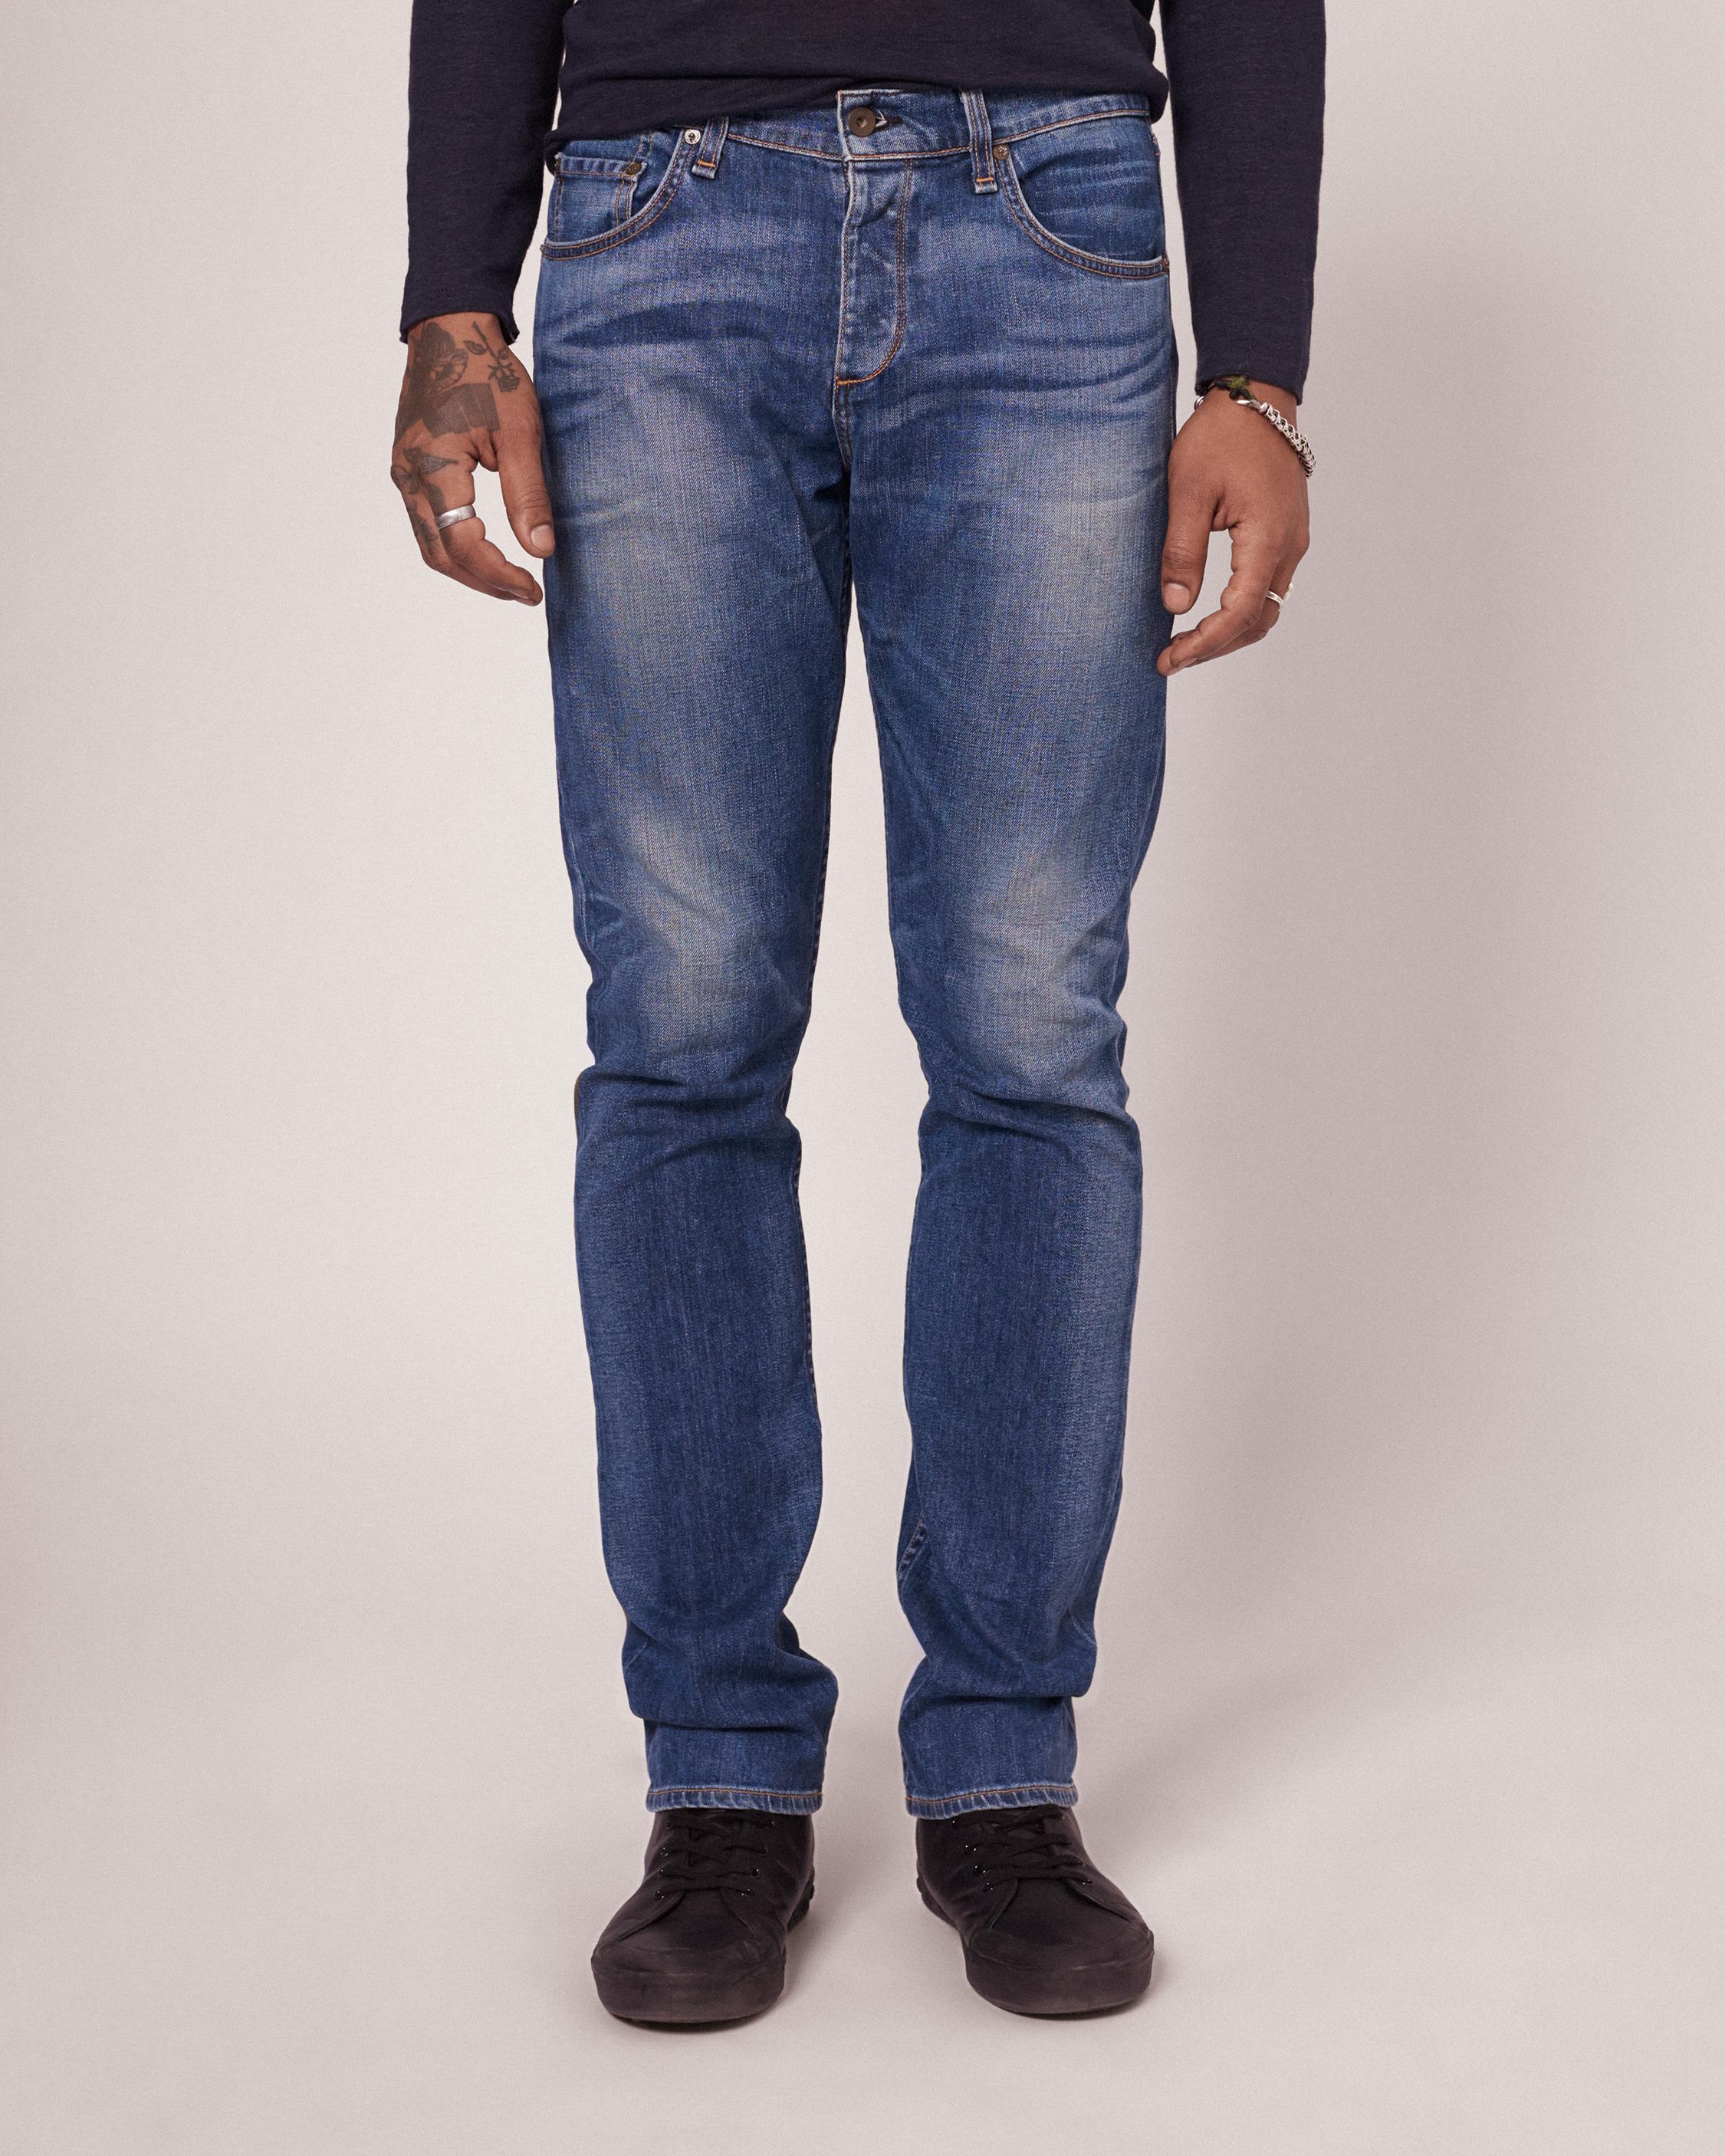 Rag & Bone/jean Woman Cropped Cotton-jersey Top Black Size M Rag & Bone Shopping Online Clearance roJrm6p